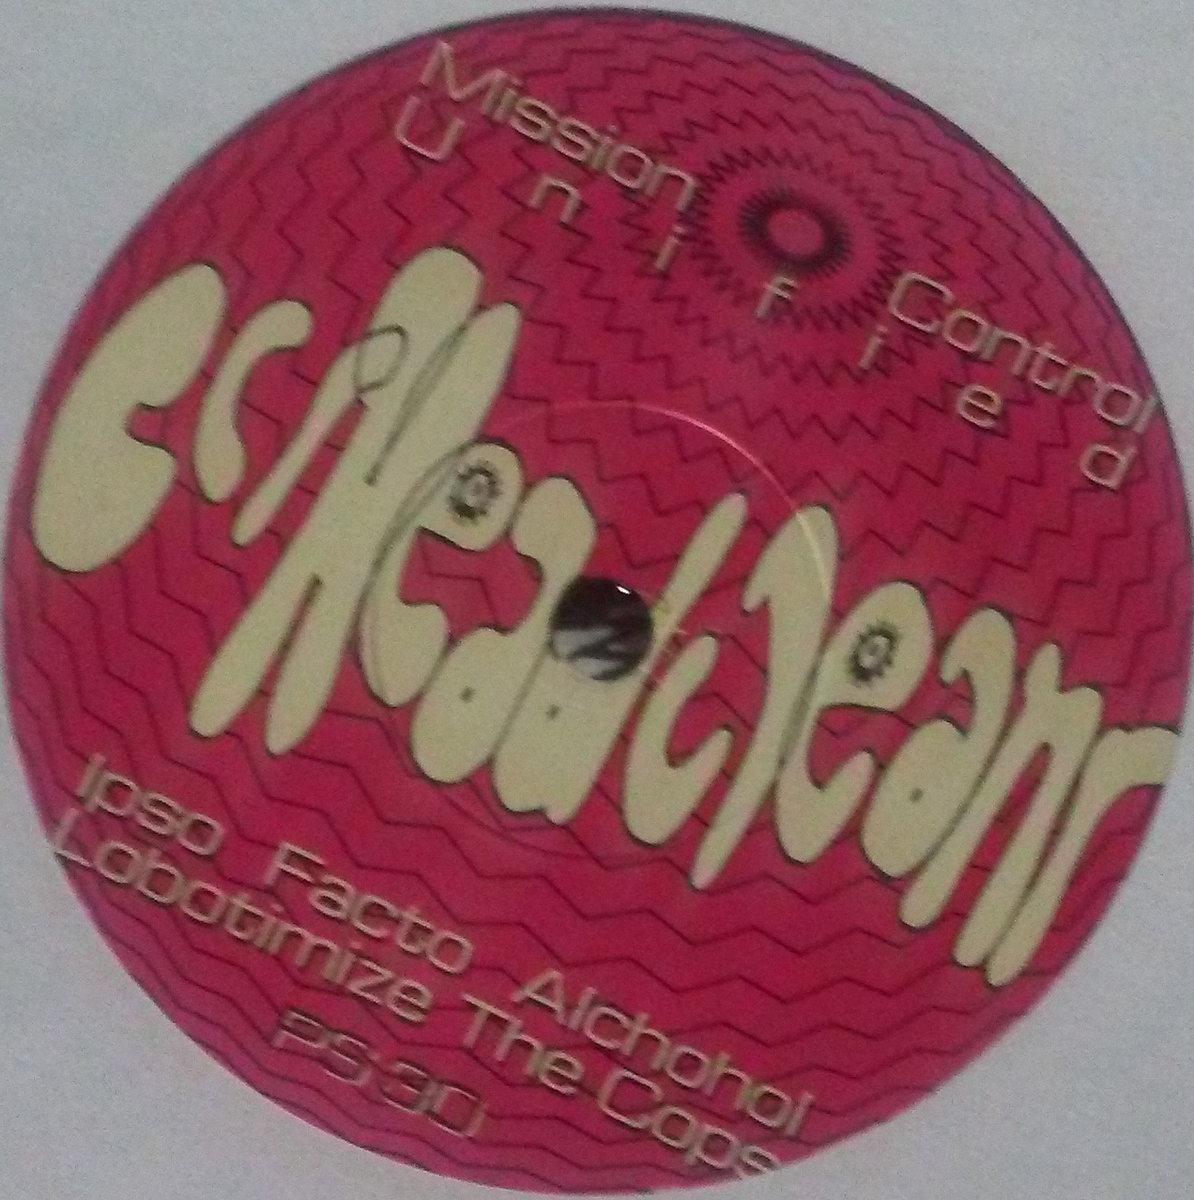 Clash of clans ringtones download hd mp3 tones and remixes –.